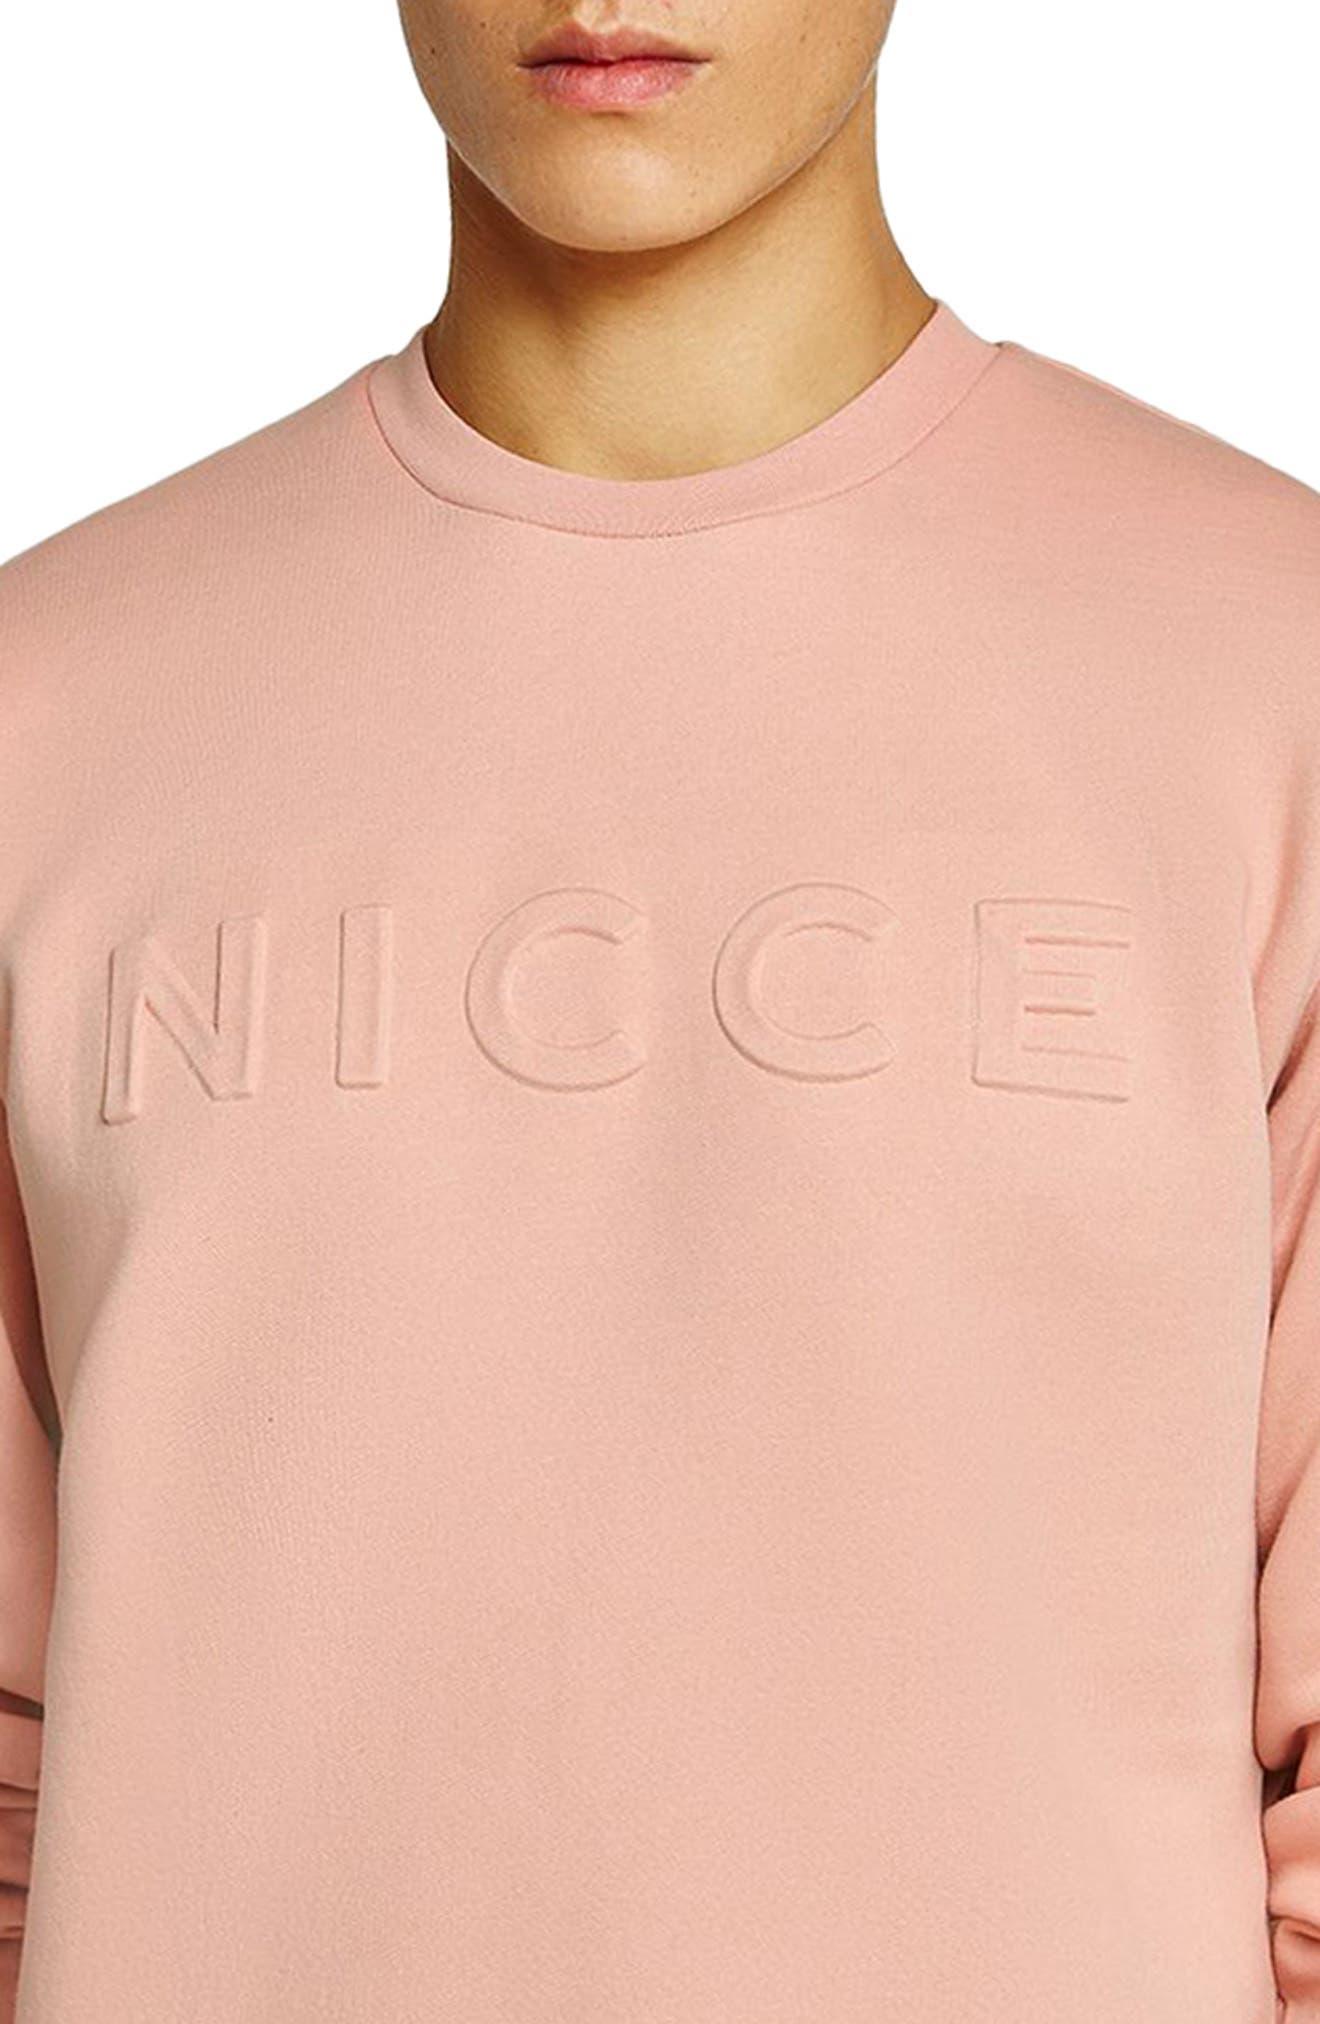 NICCE Slim Fit Embossed Sweatshirt,                             Alternate thumbnail 3, color,                             Pink